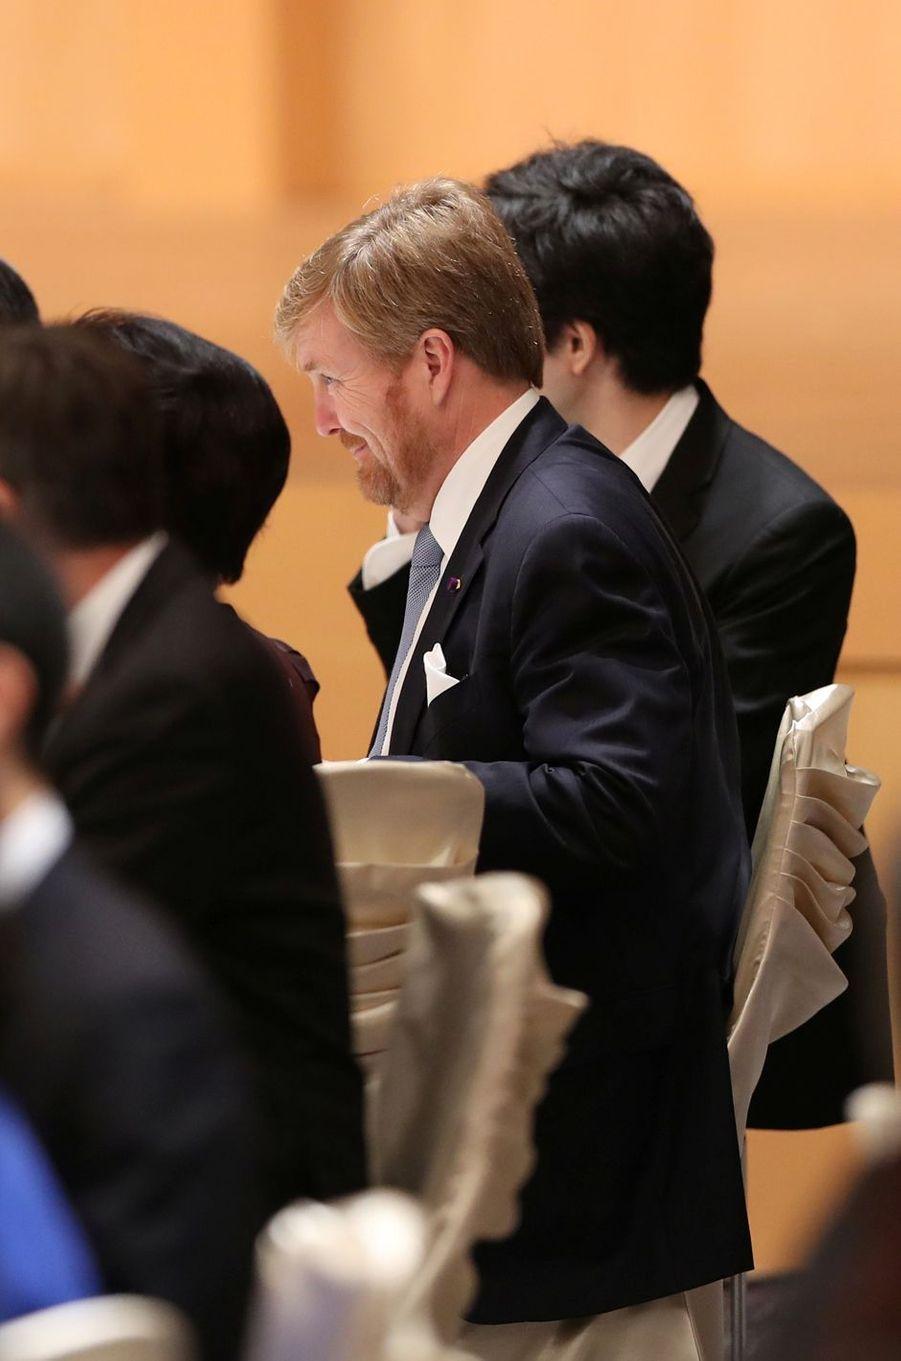 Le roi Willem-Alexander des Pays-Bas, à Tokyo le 23 octobre 2019